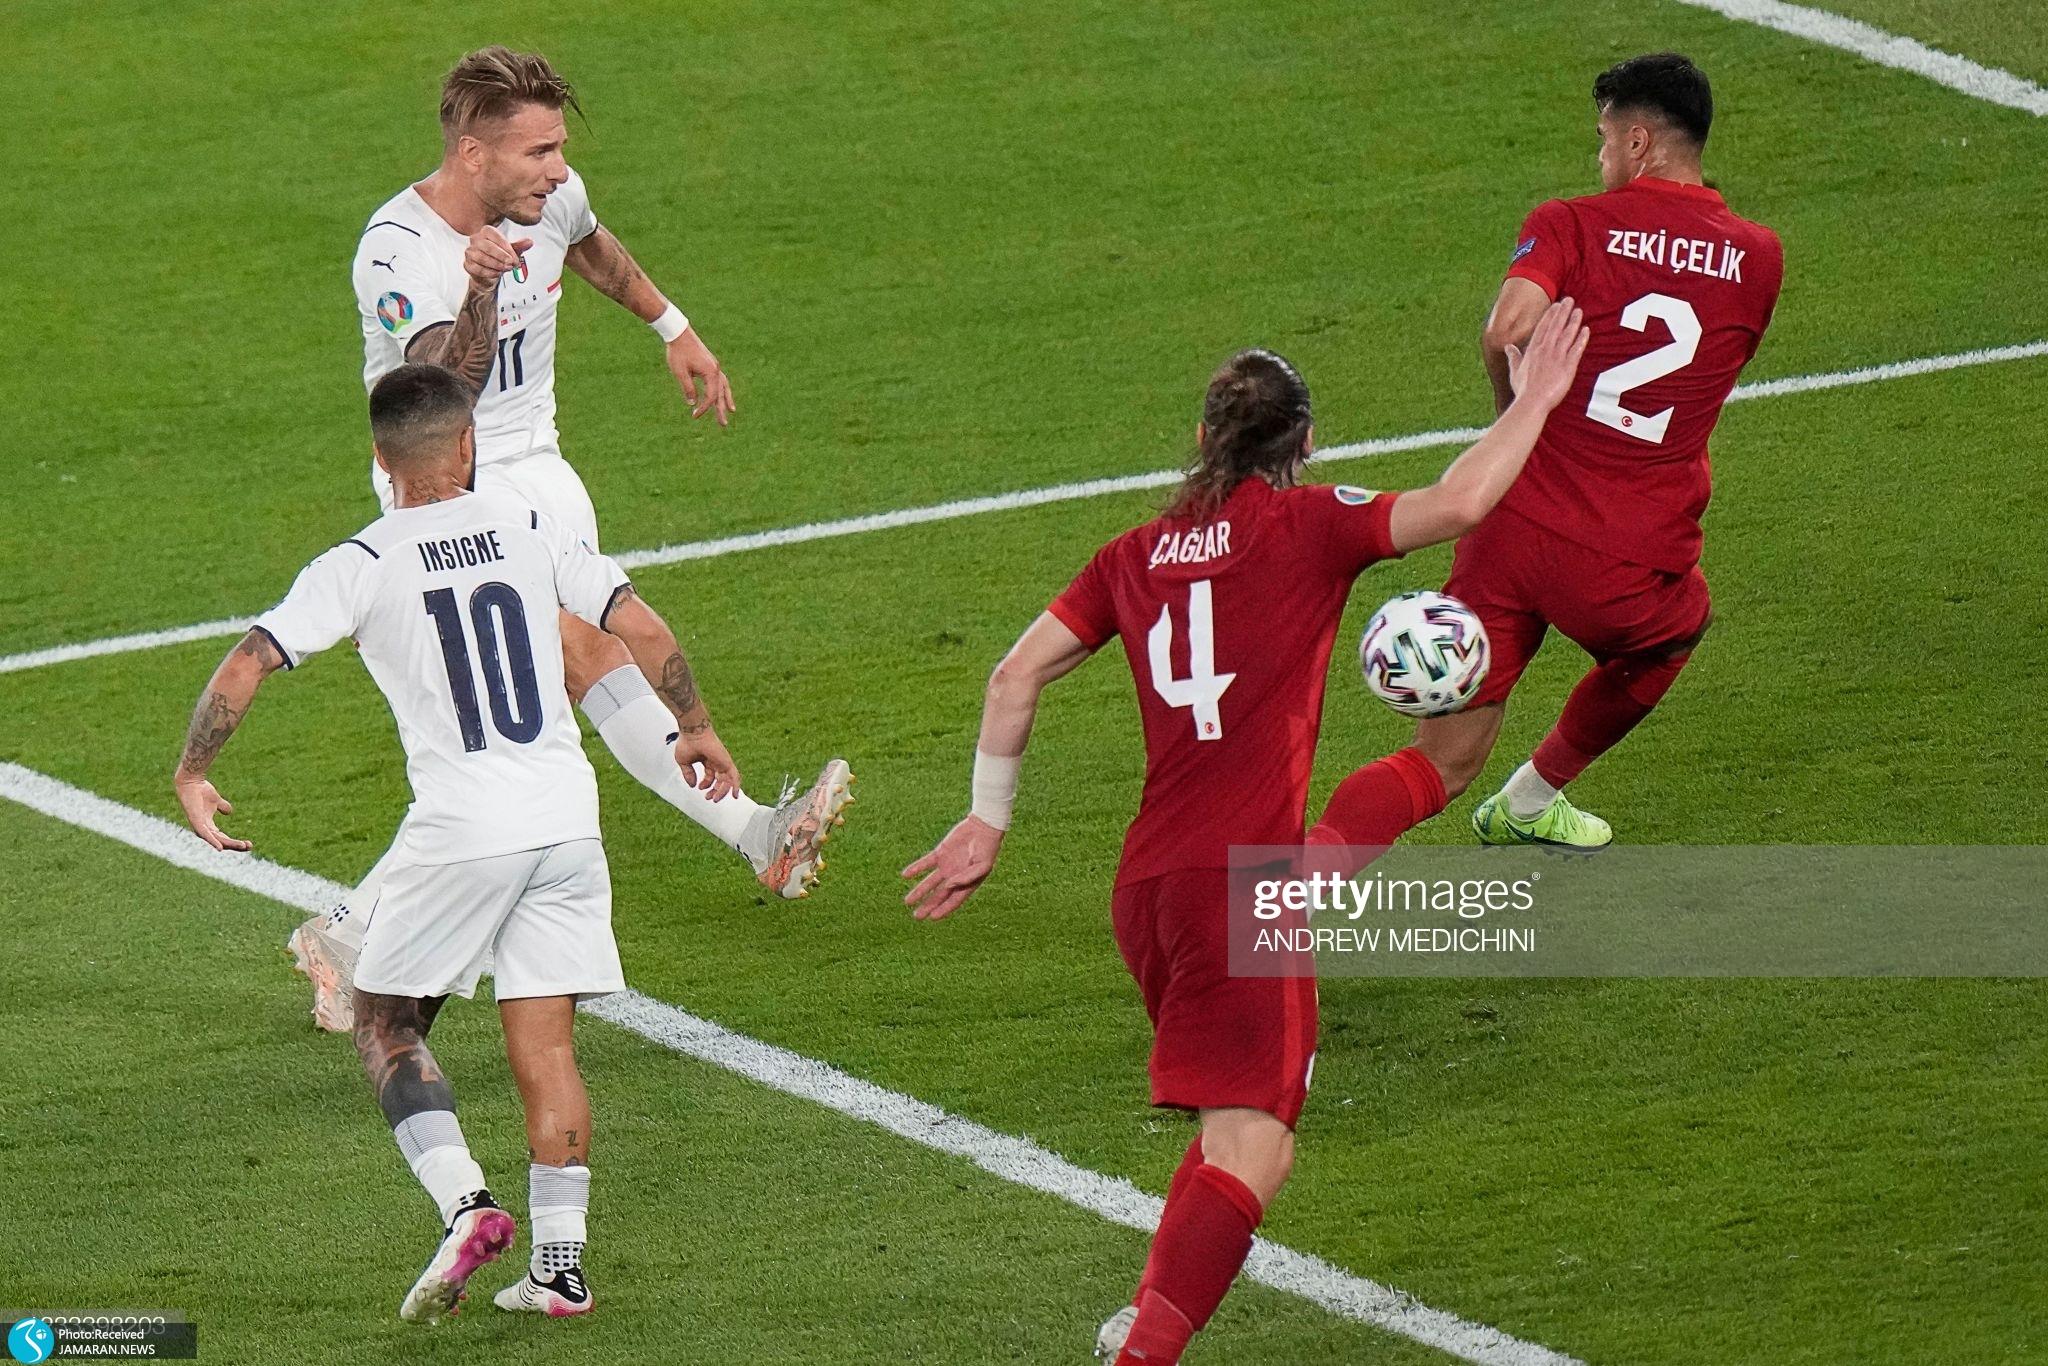 یورو ۲۰۲۰ بازی ایران و ایتالیا